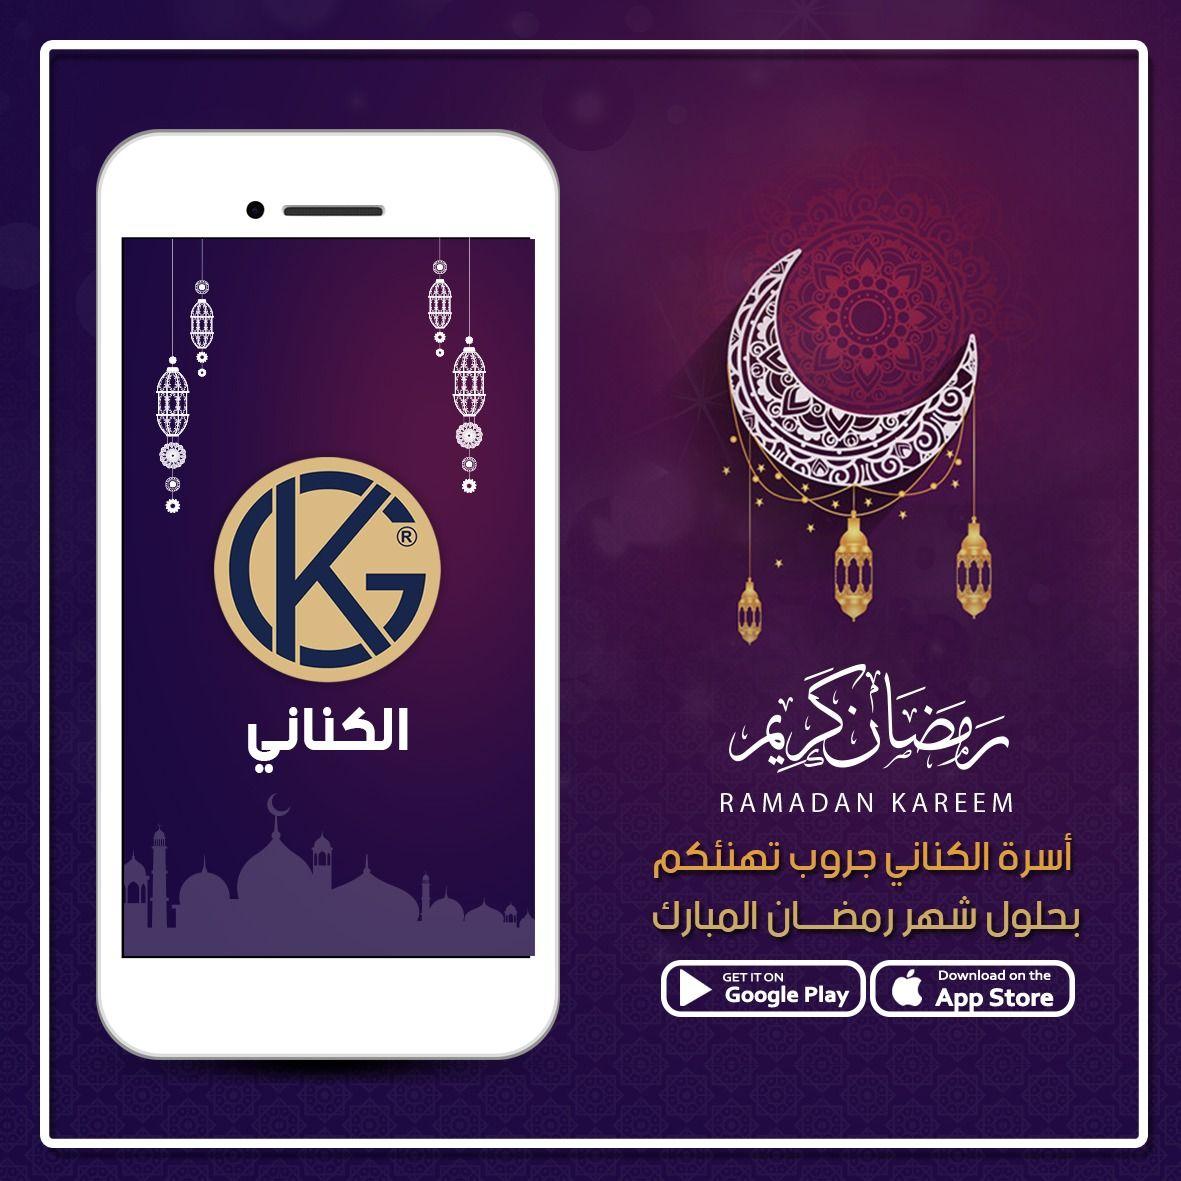 رمضان كريم مع الكناني جروب Ramadan Kareem Ramadan Popsockets